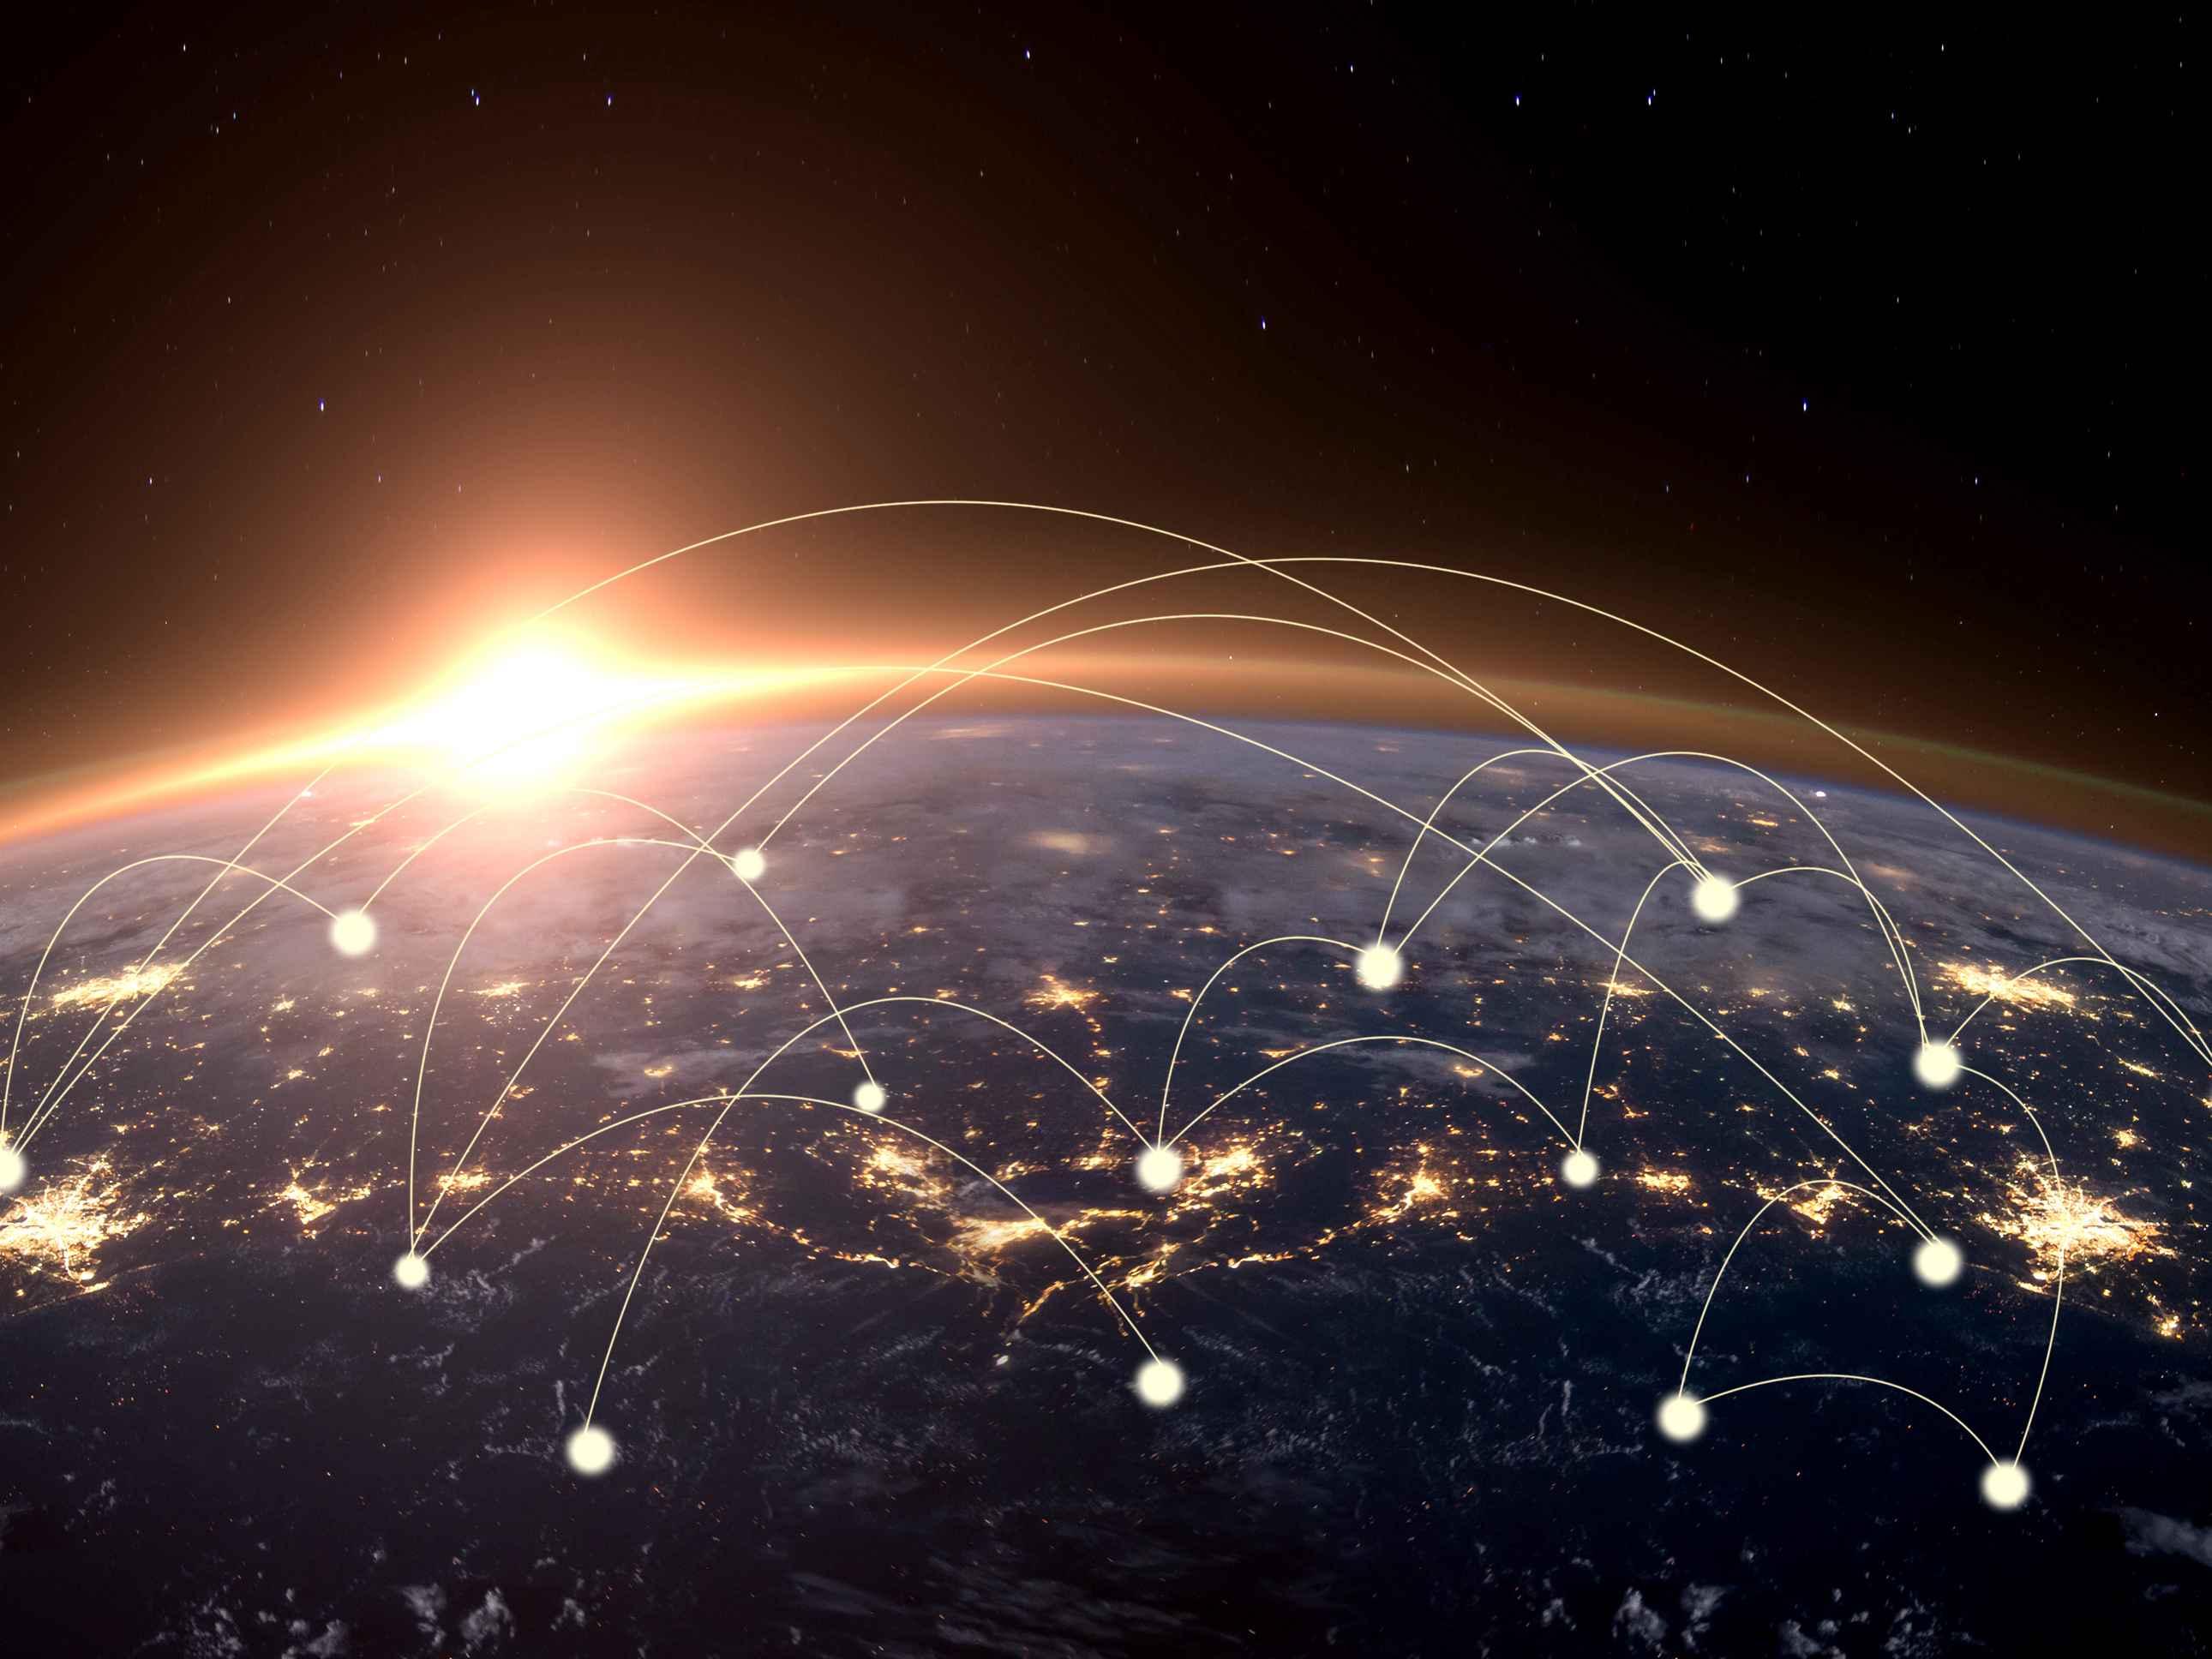 郭鑫:产业分析——硬科技改变世界